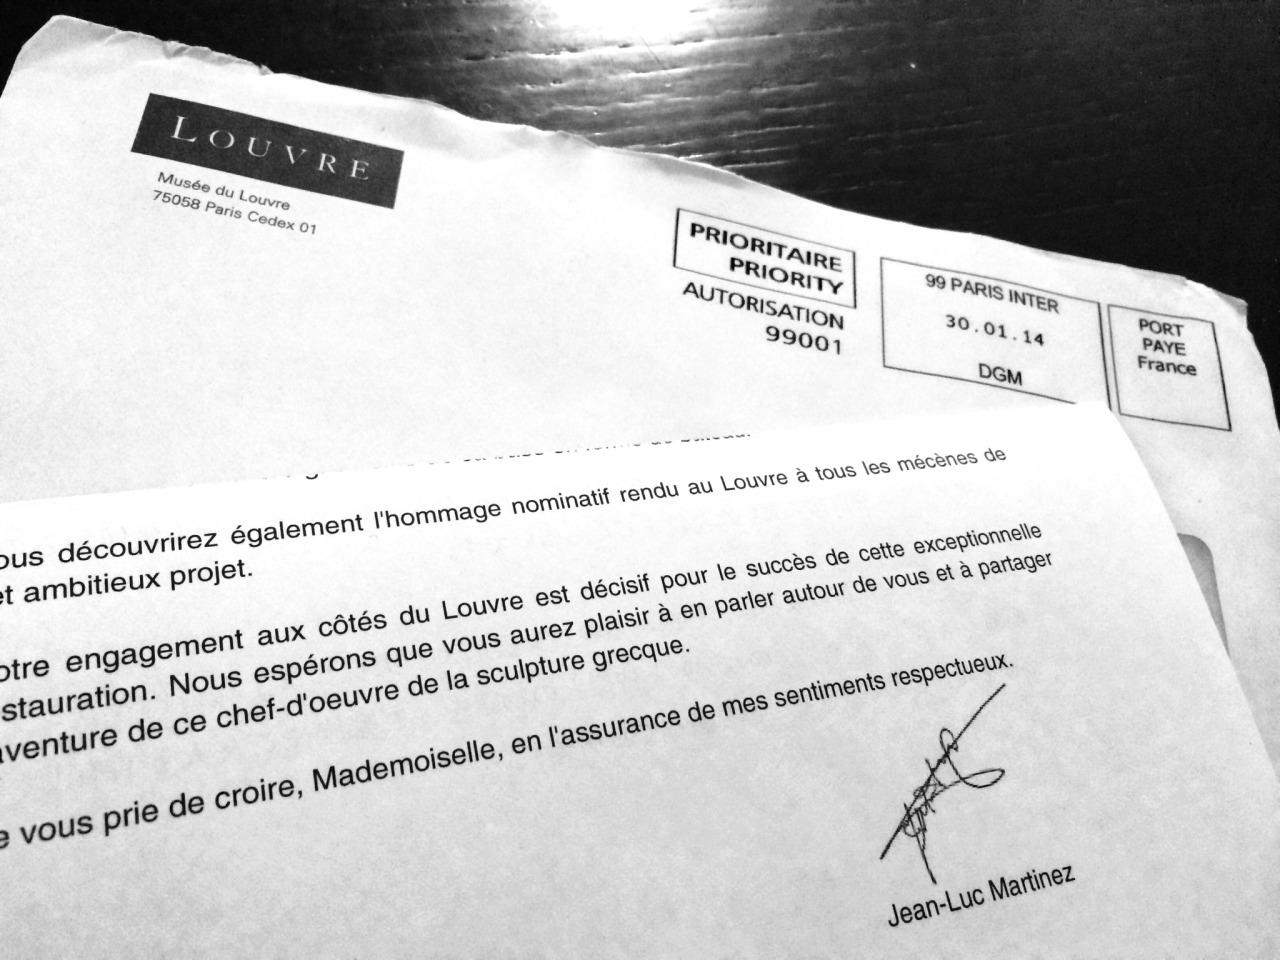 ルーヴル美術館からの御礼の手紙